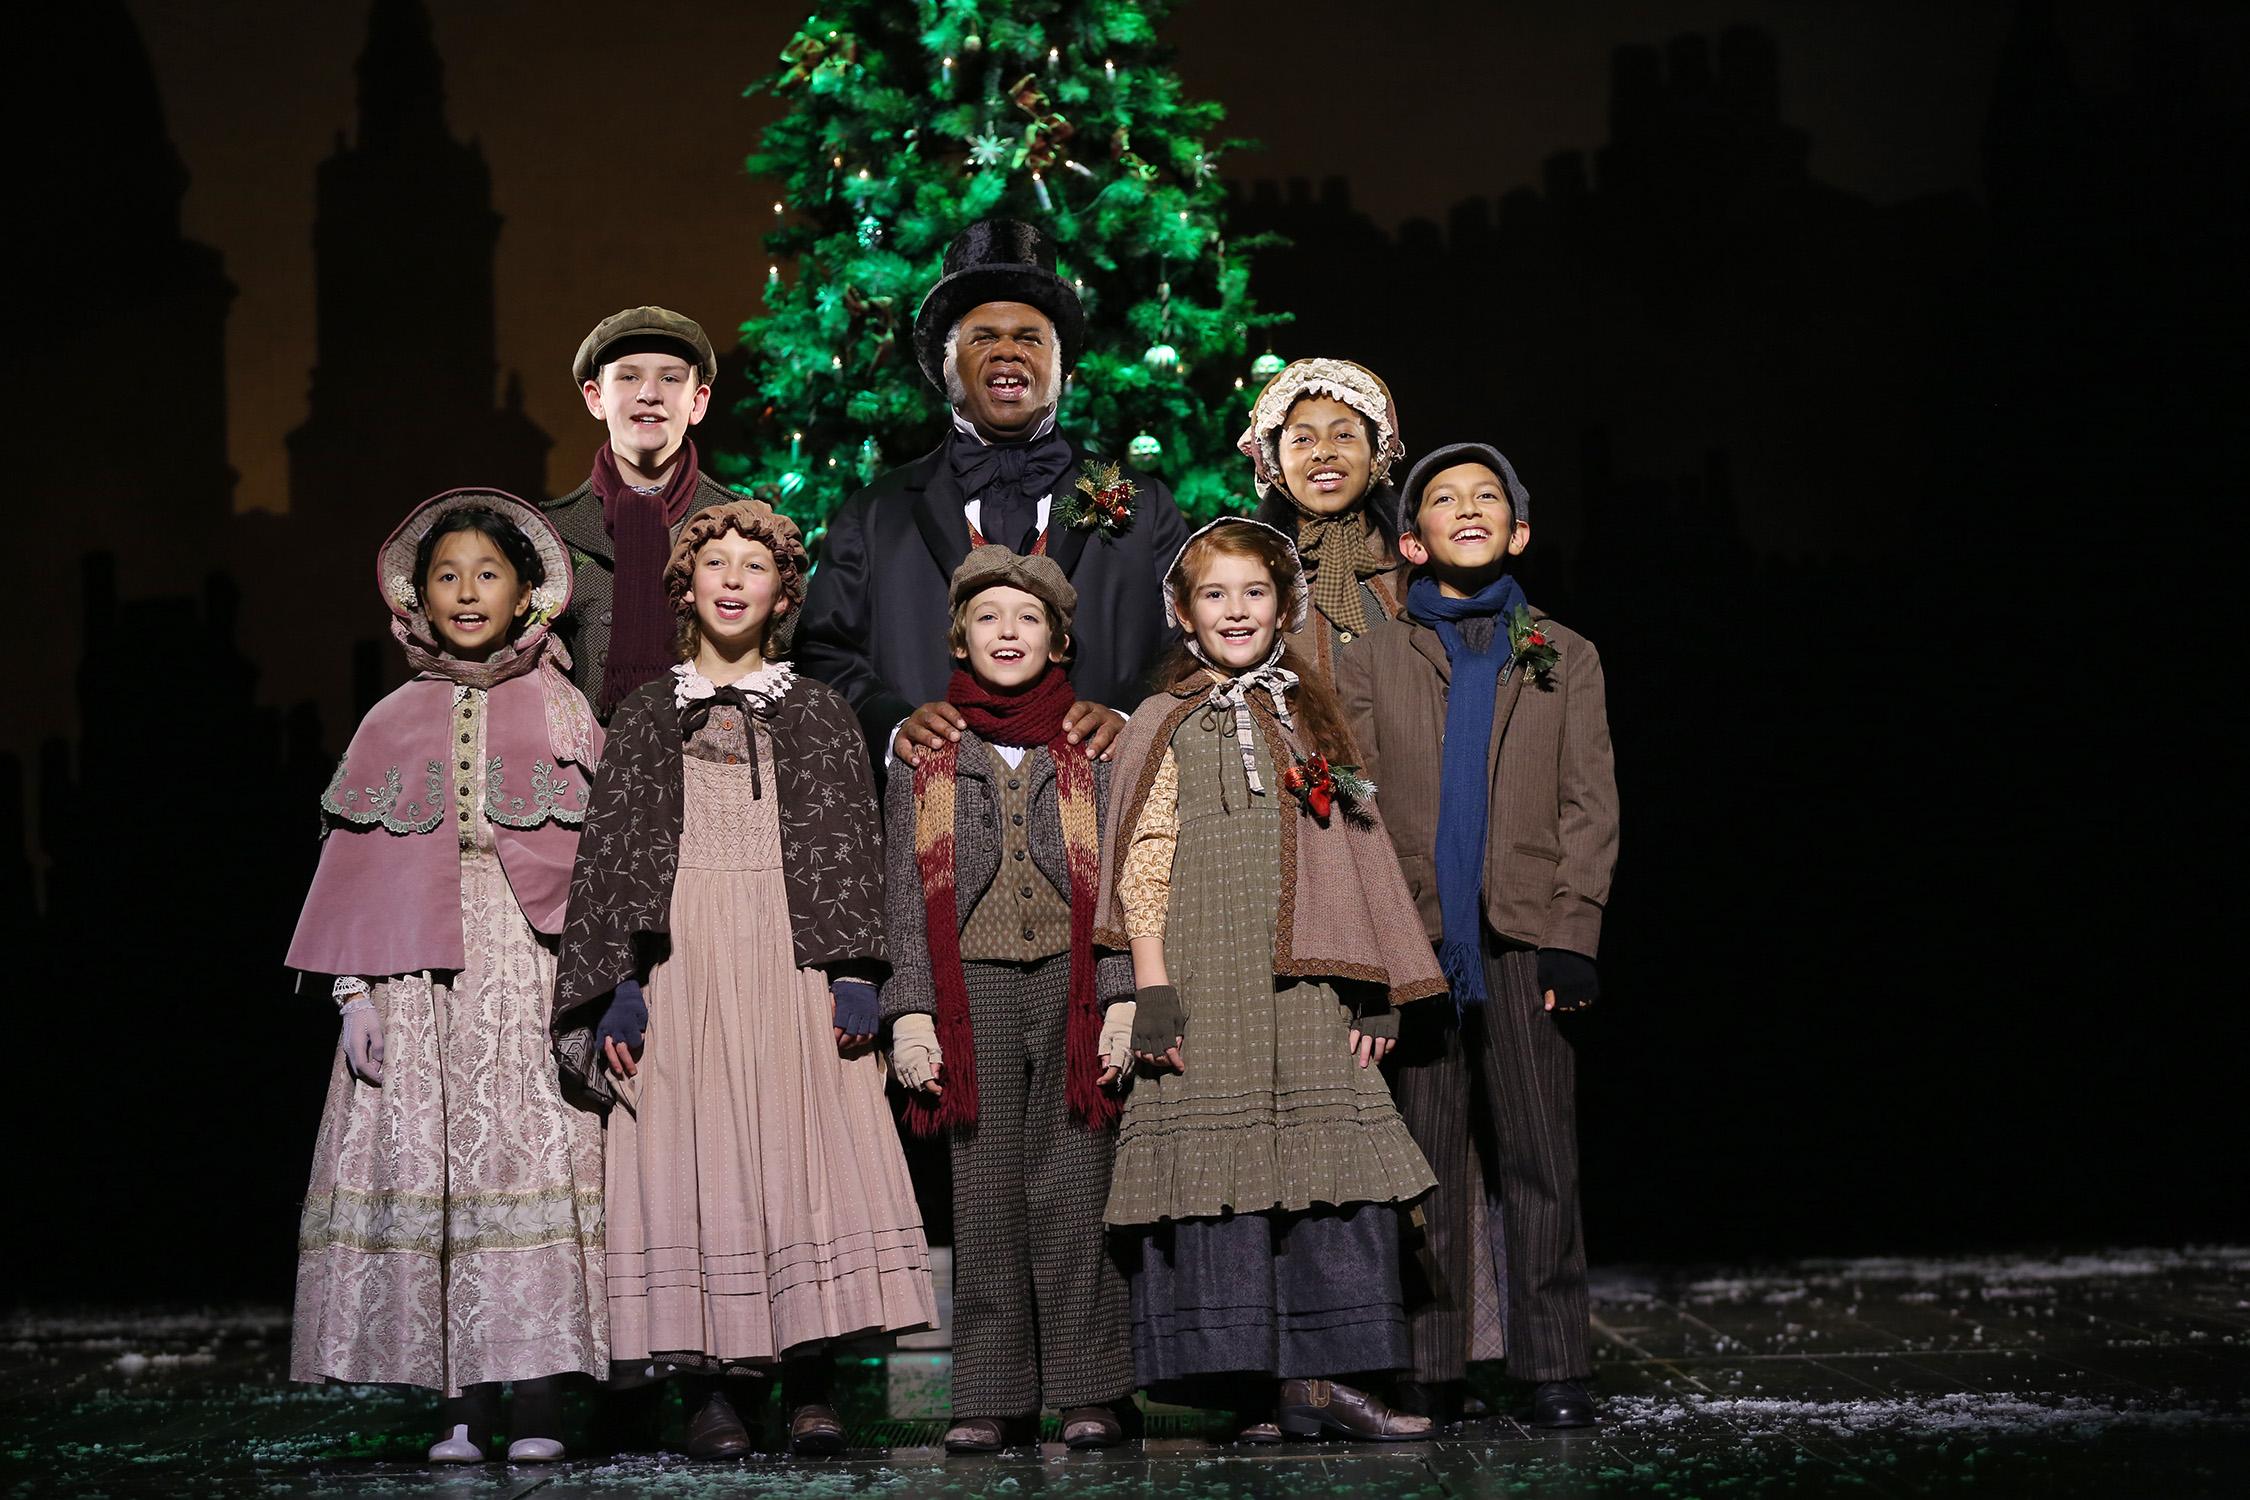 A Christmas Carol Lincoln Nebraska 2020 A Christmas Carol   2019   Fords Theatre